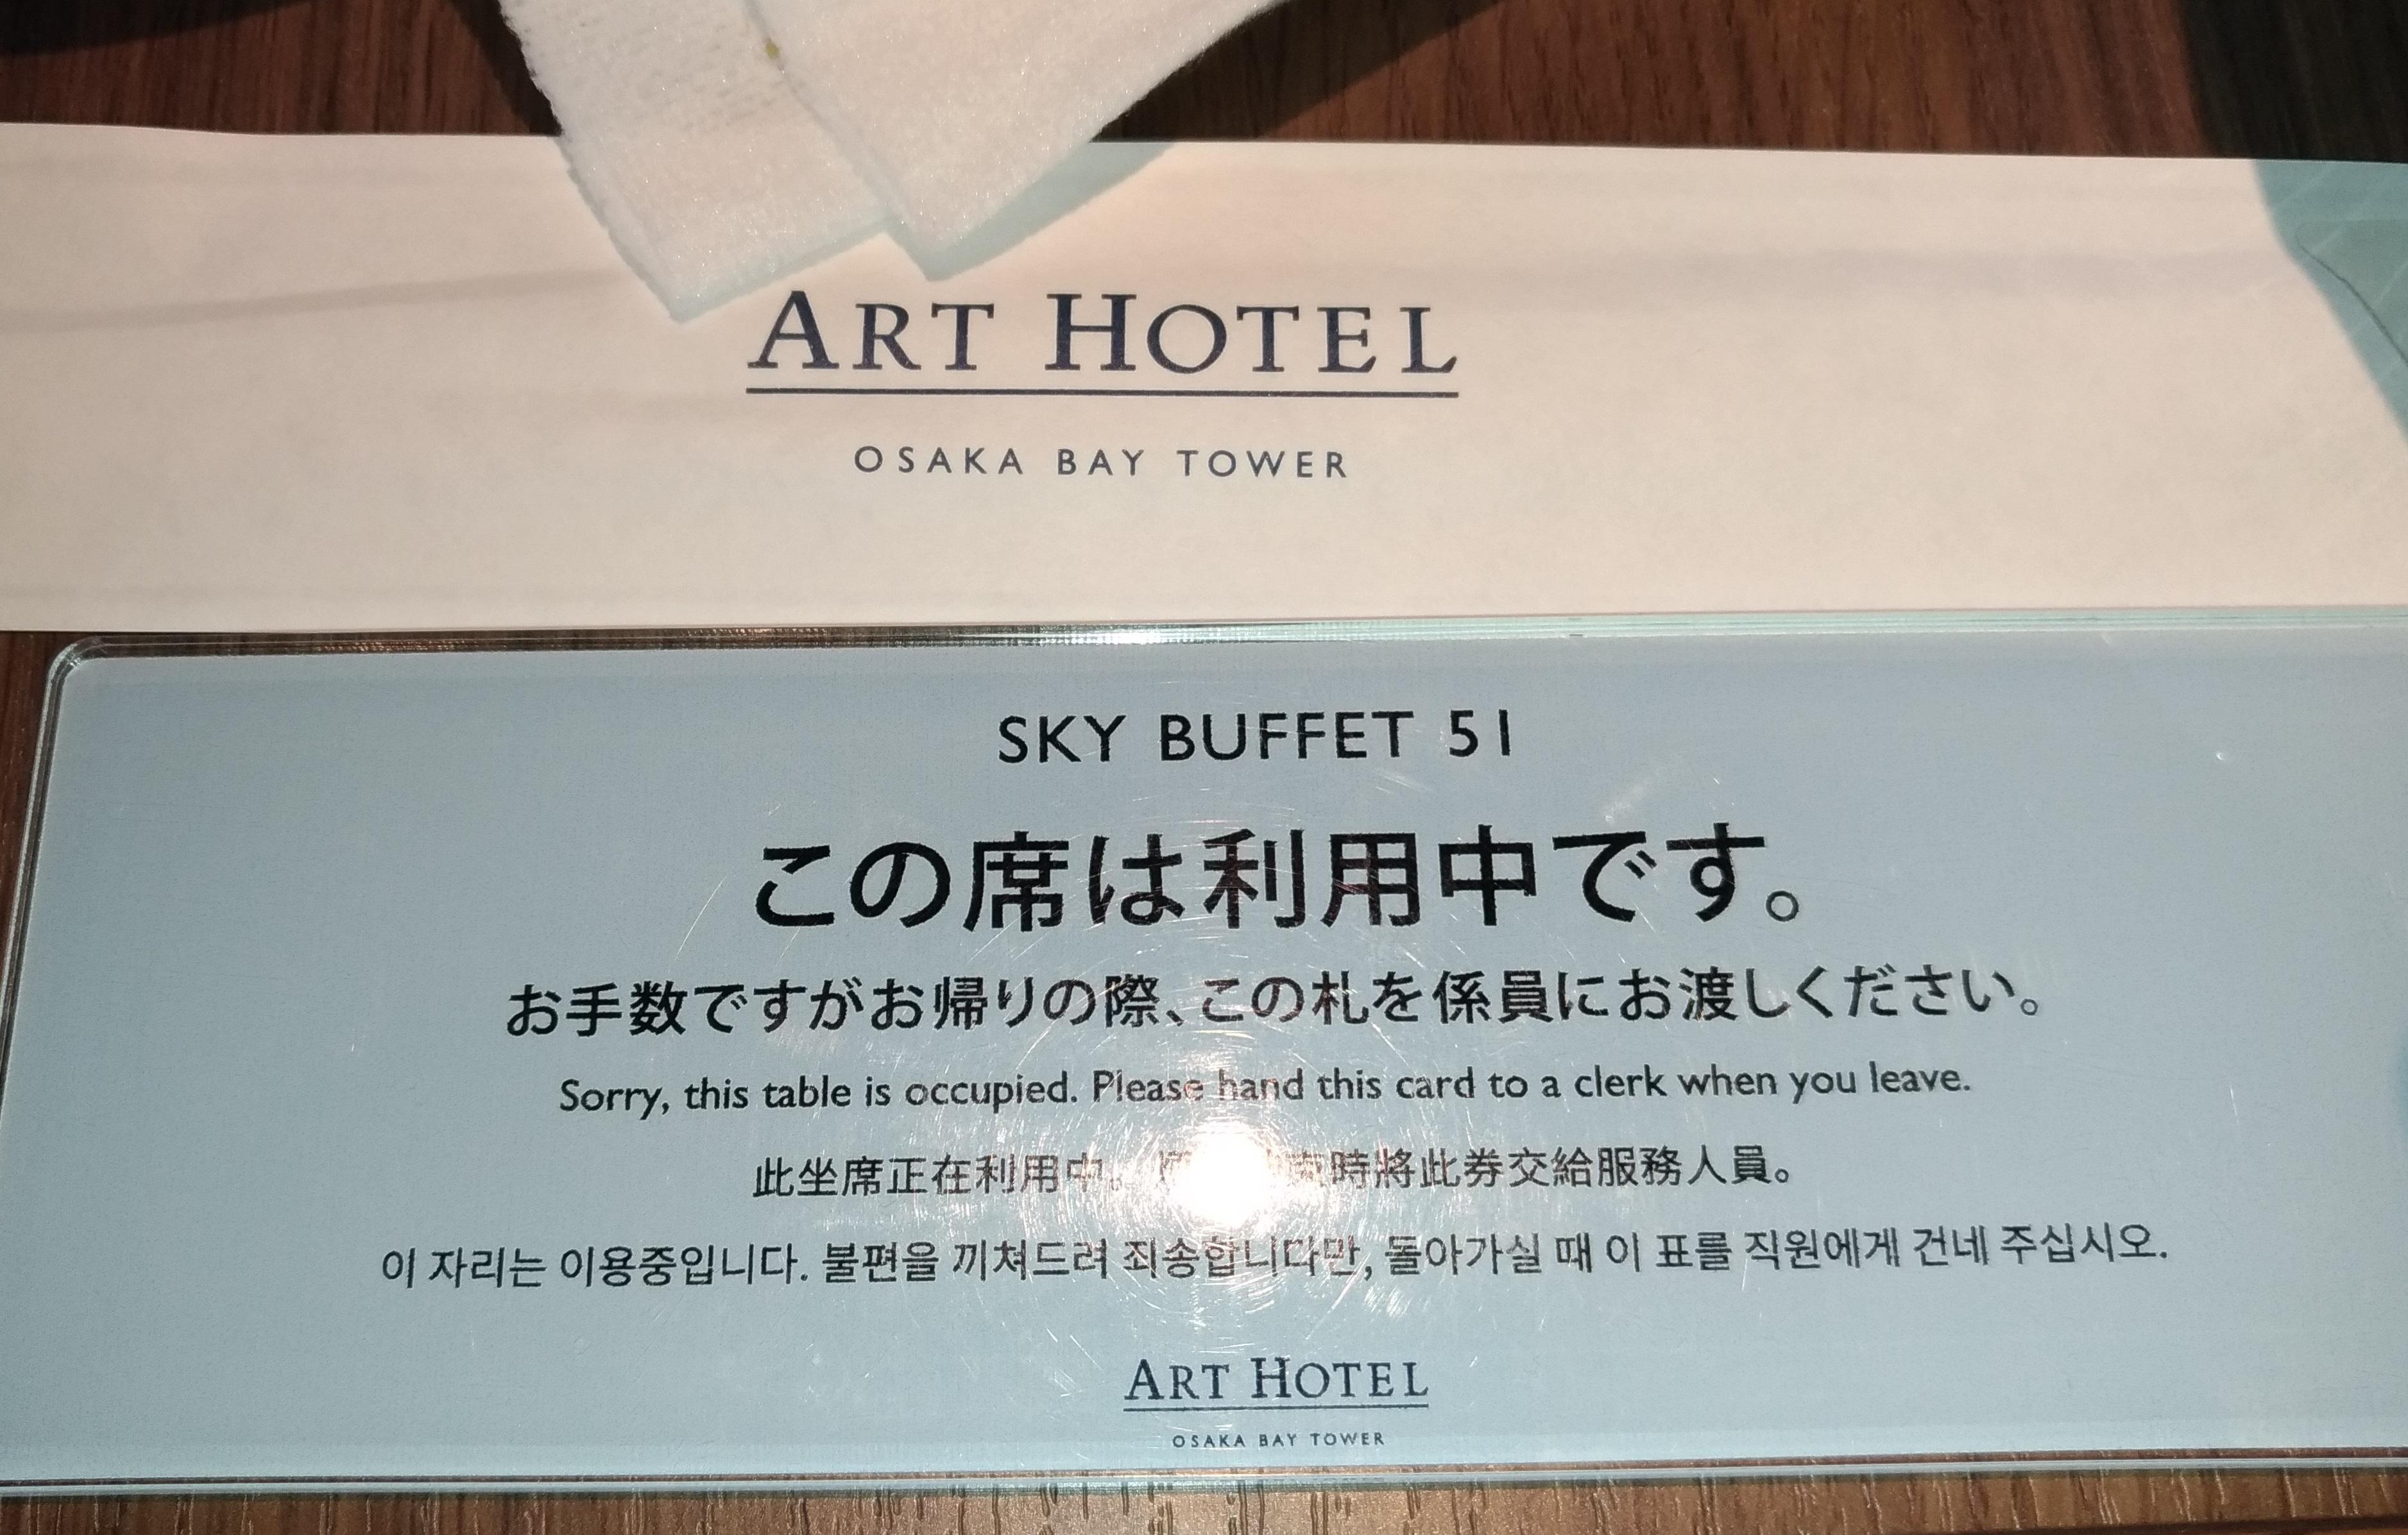 osaka_hotel_viking_asa_1010_1.jpg